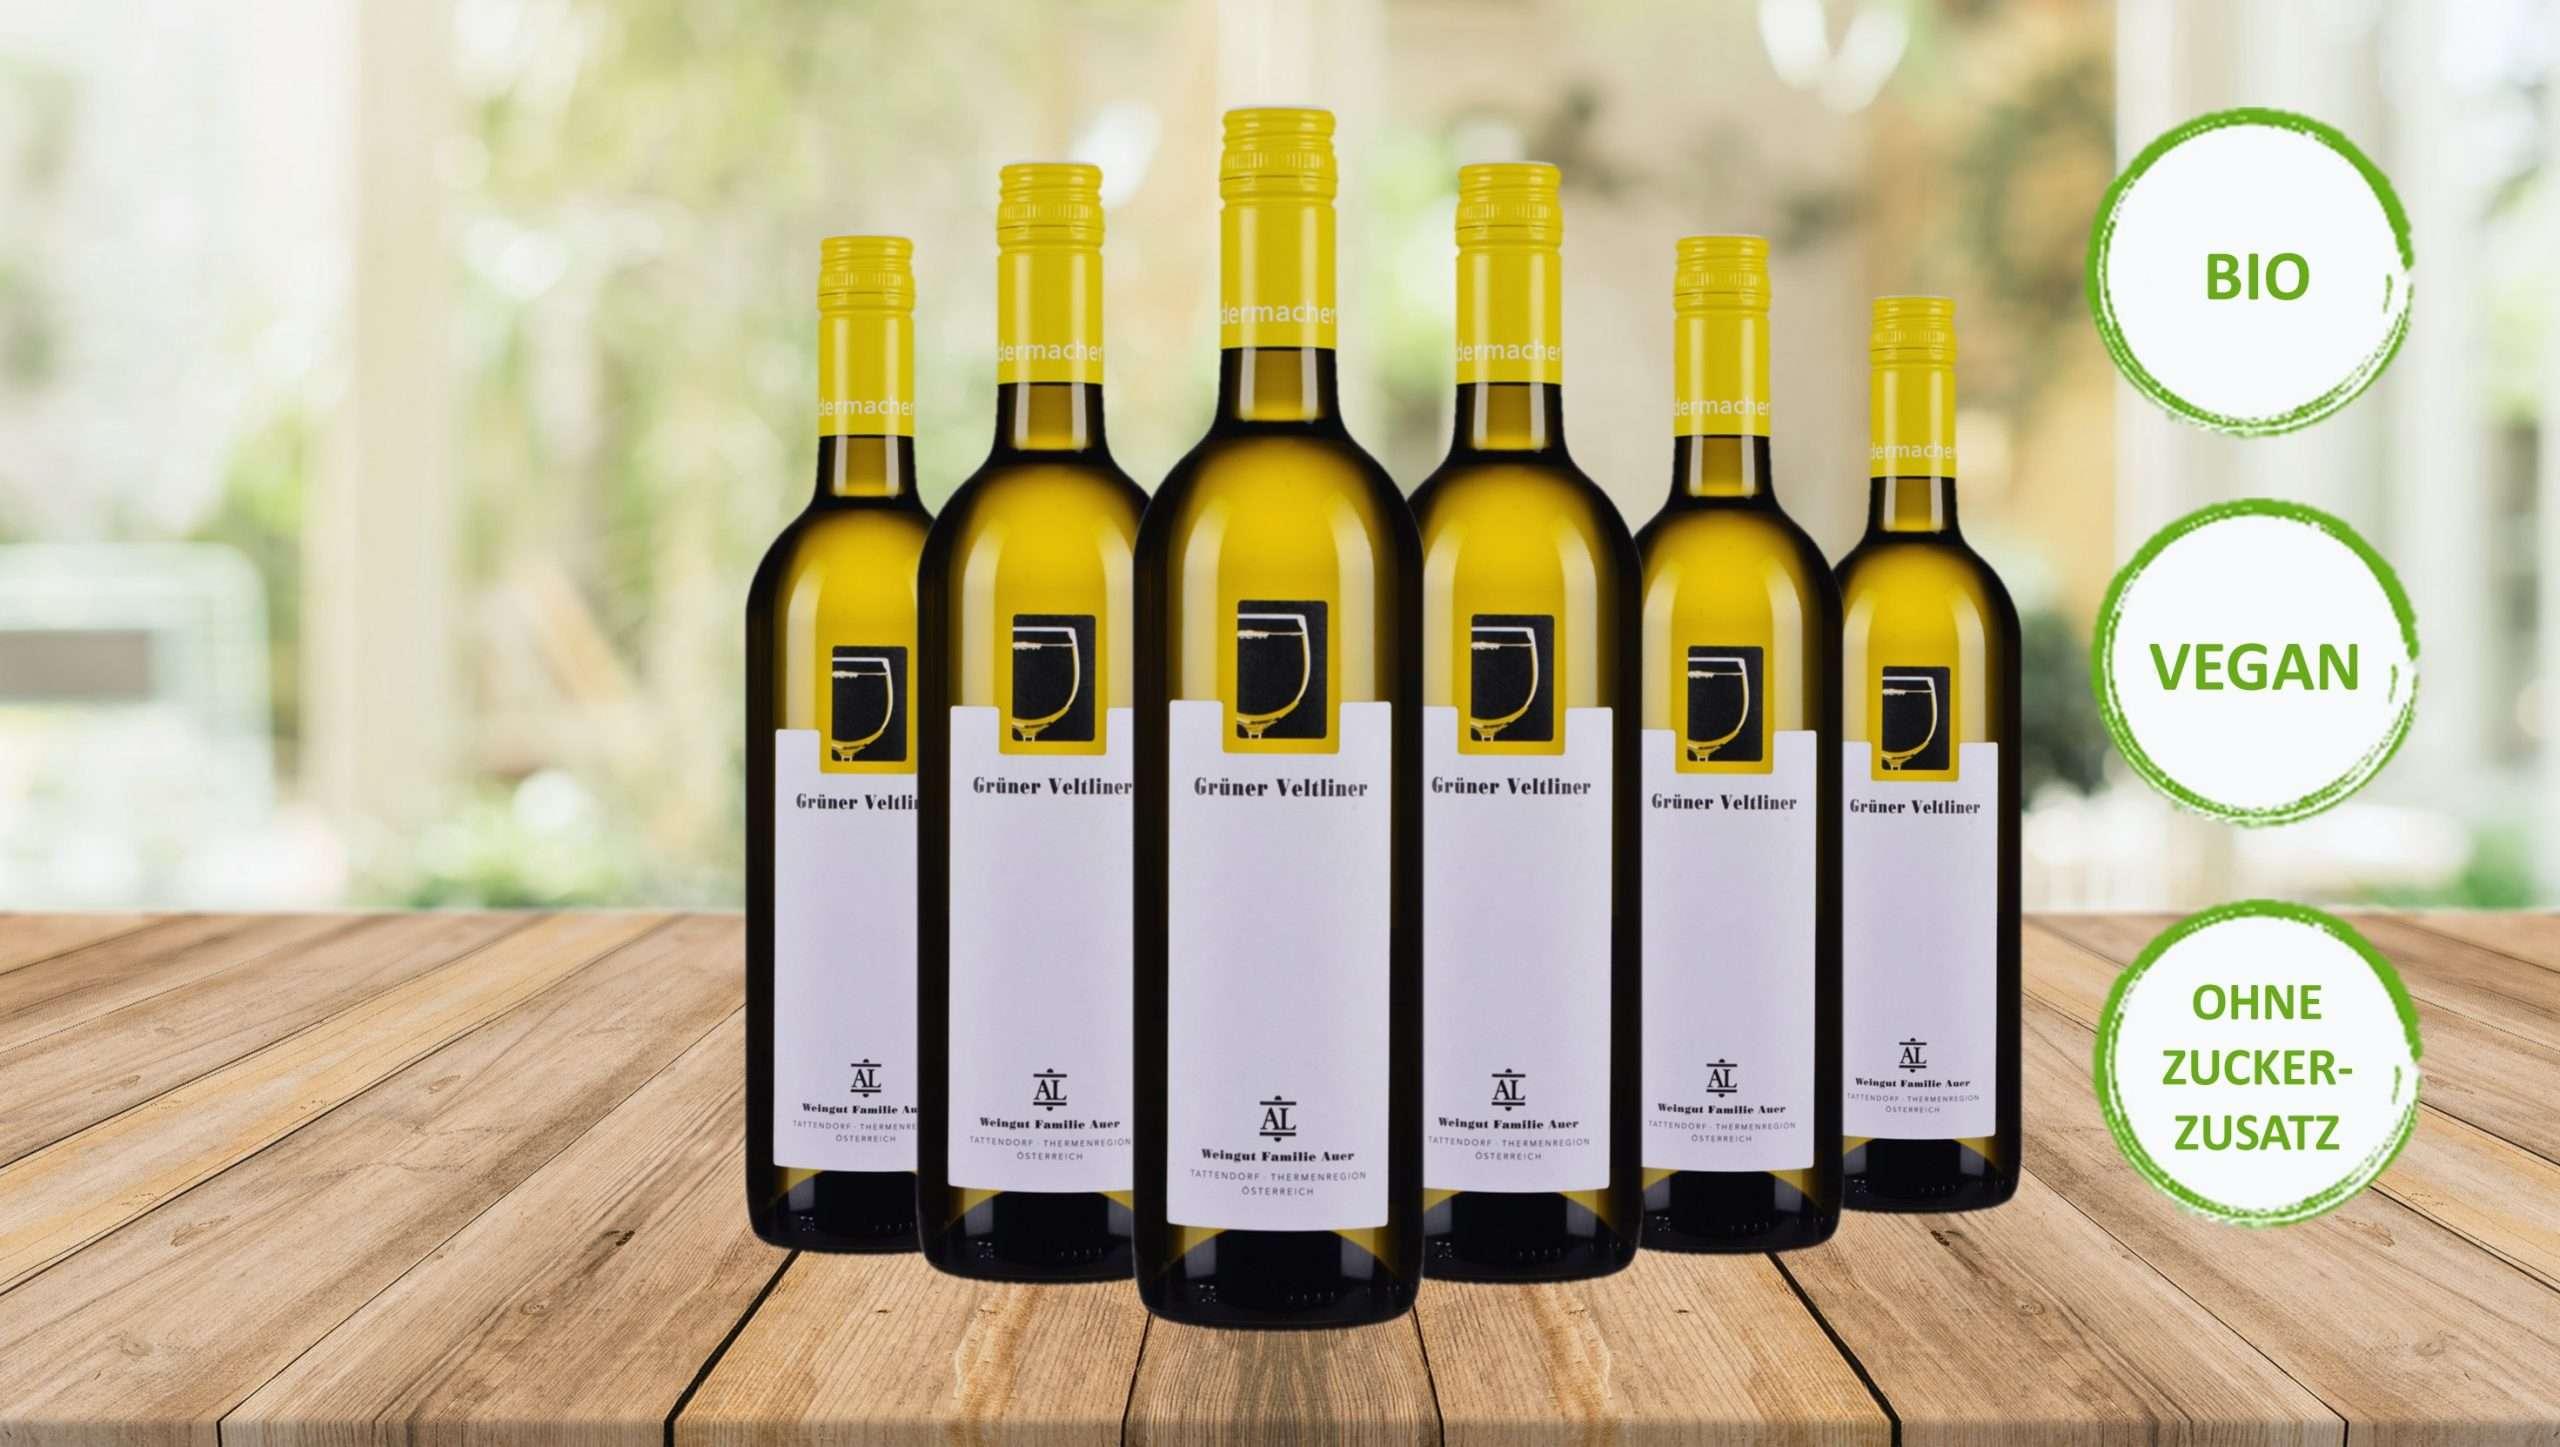 BIO Riesling- Auer - Weinpaket